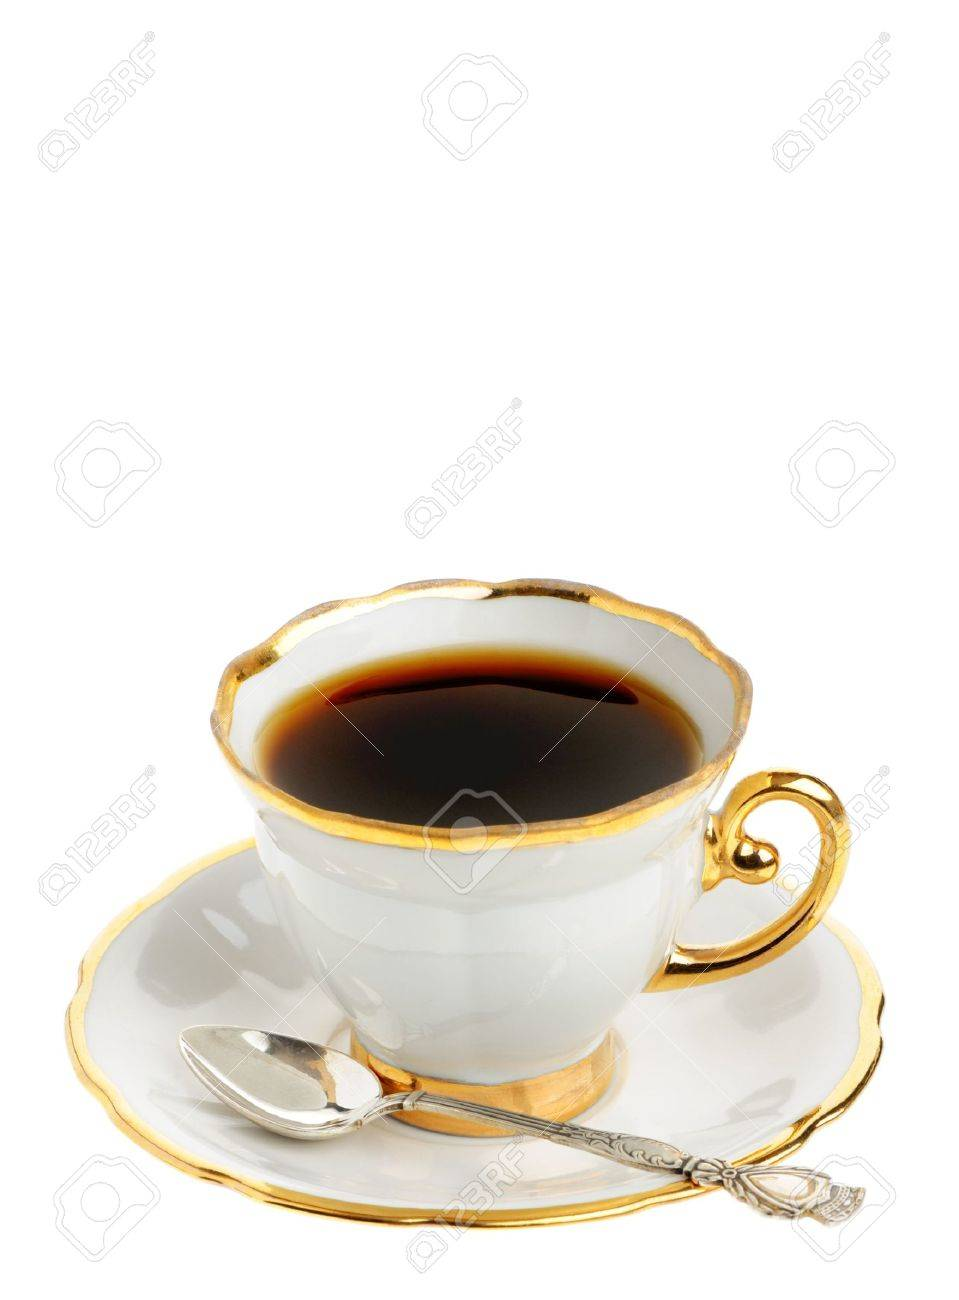 Stilvolle Tasse Kaffee Mit Silbernen Löffel. Eine Tasse Kaffee Mit ...